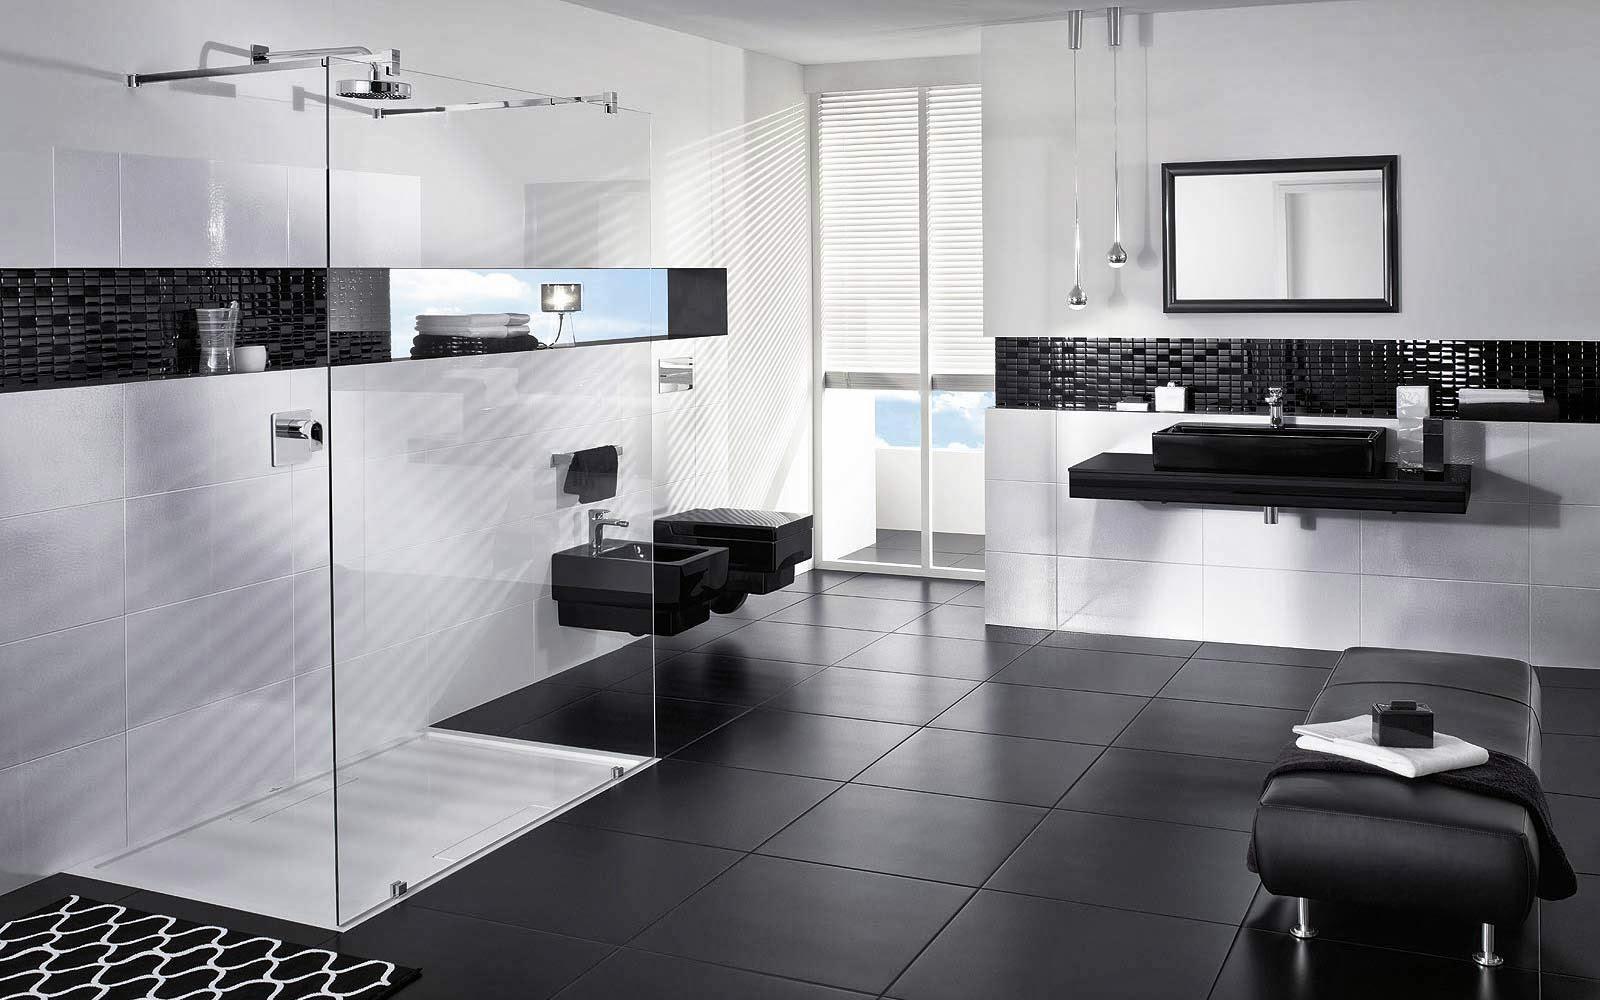 fotos de baños en blanco y negro - colores en casa